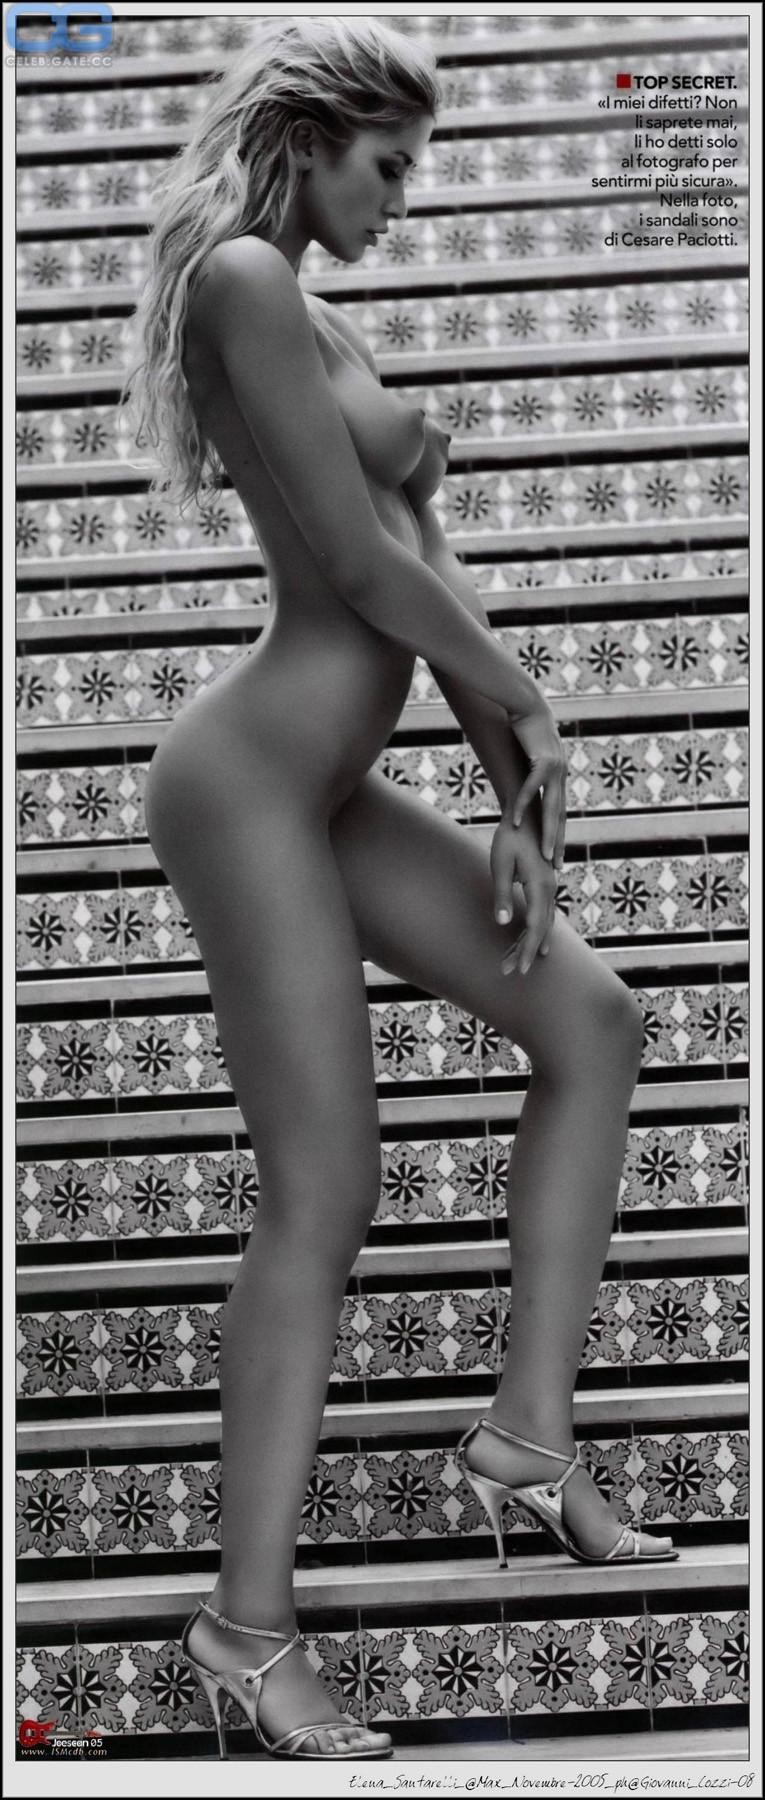 sunny leone hardcore nude pics